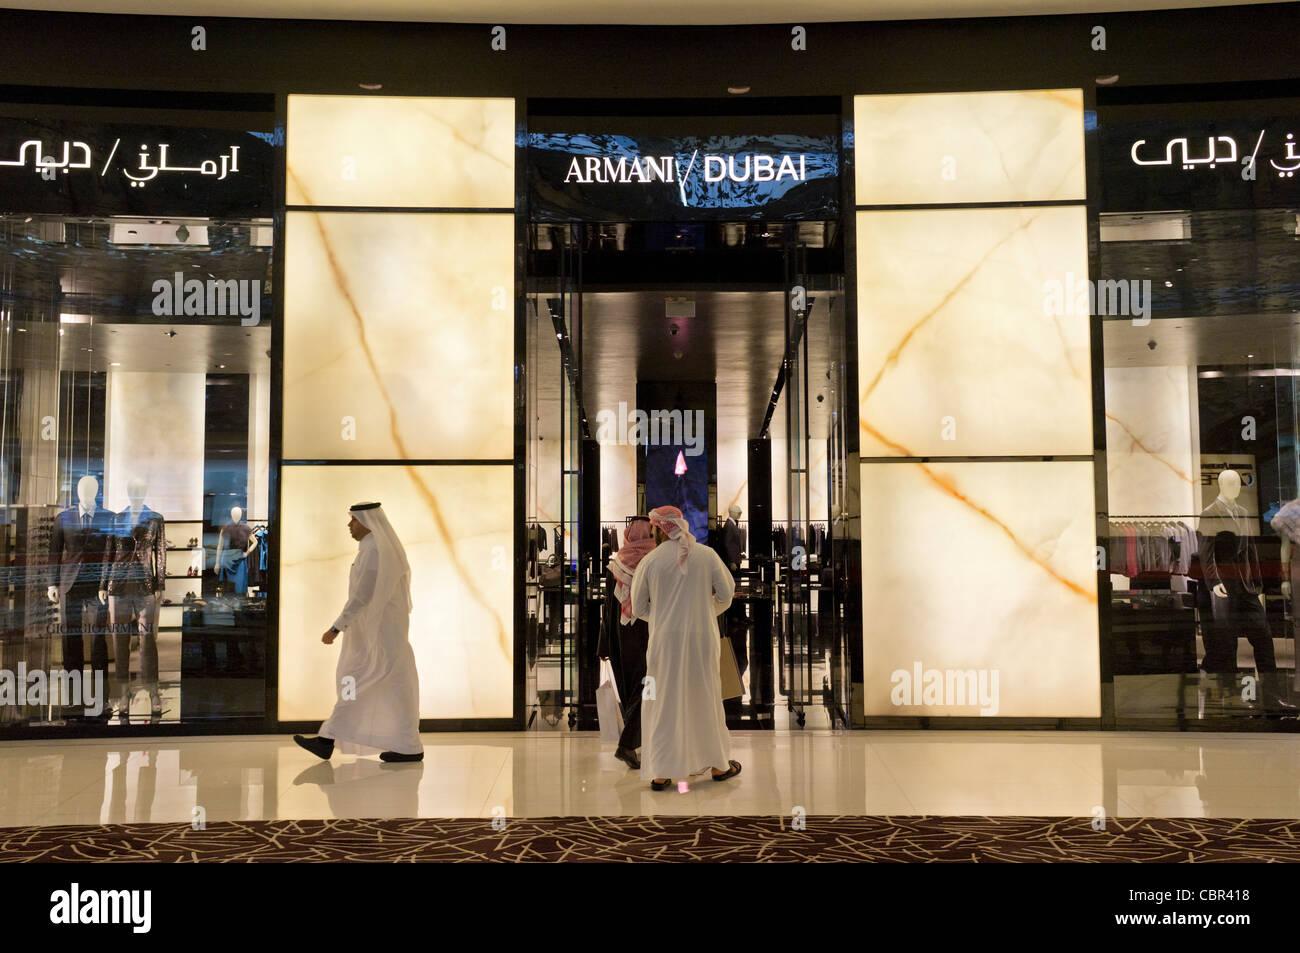 Armani speichern in der Dubai Mall in Dubai in Vereinigte Arabische Emirate Stockbild